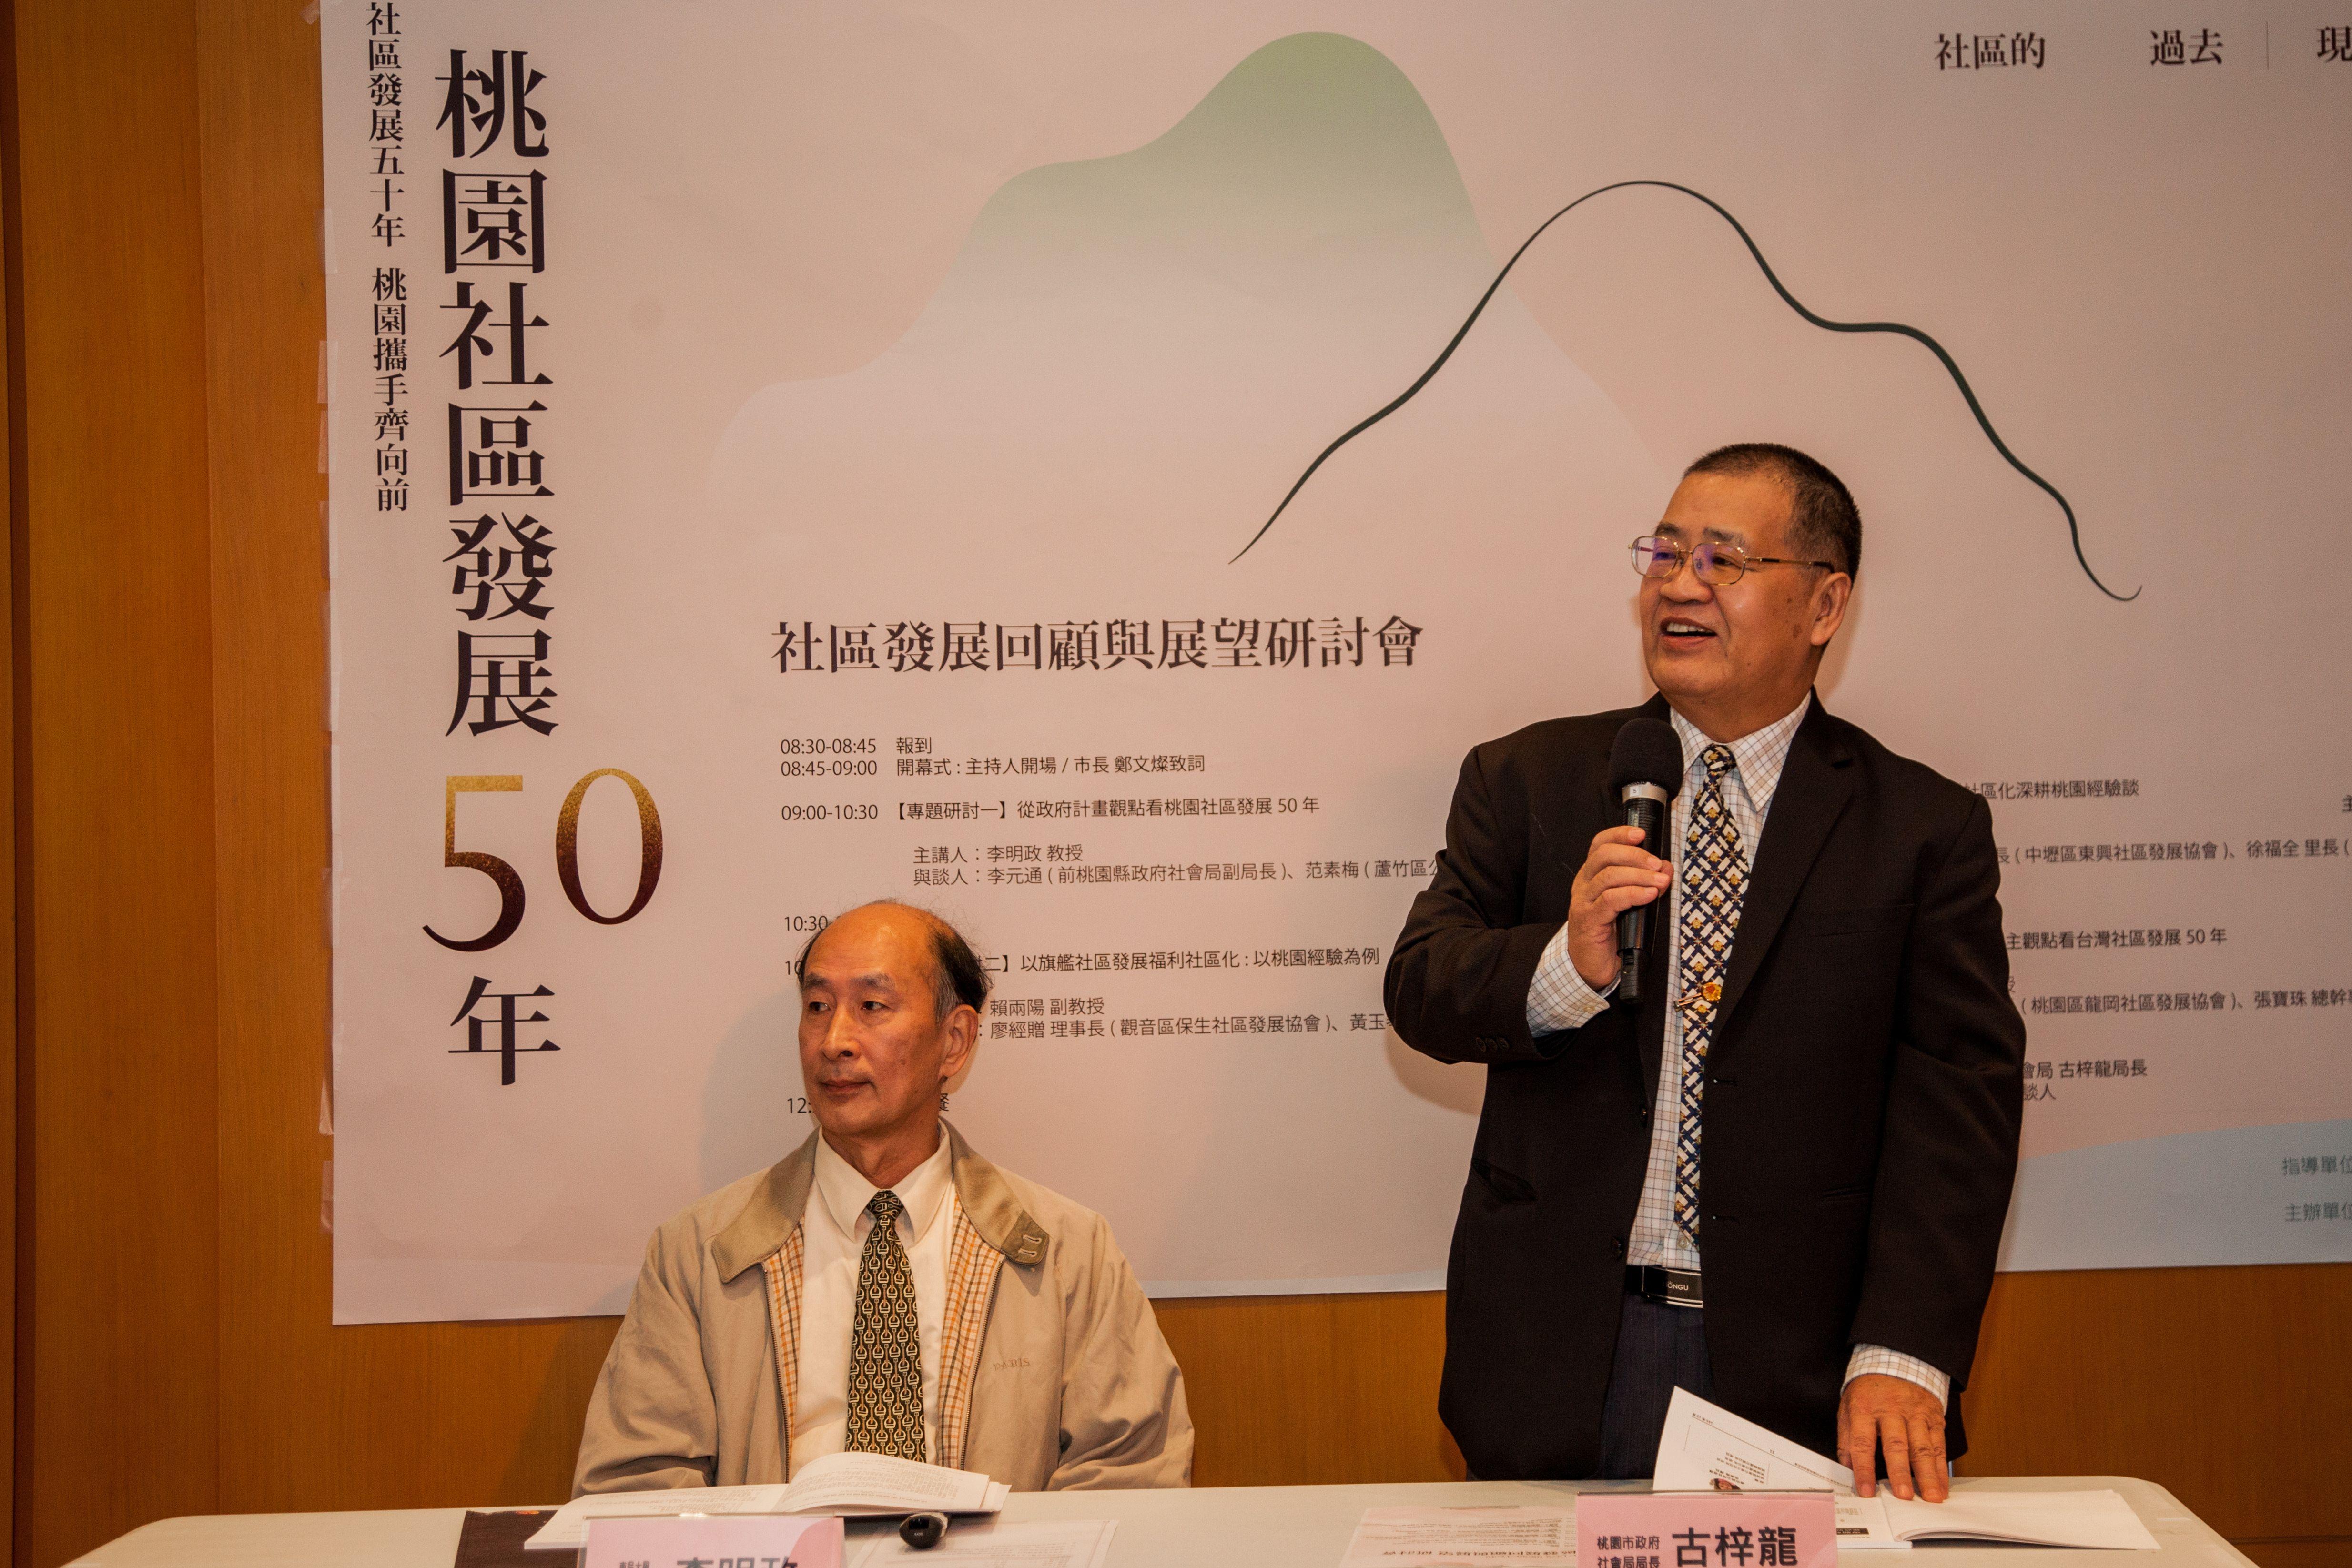 從政府計畫觀點看桃園社區發展50年-社會局局長古梓龍、李明政教授